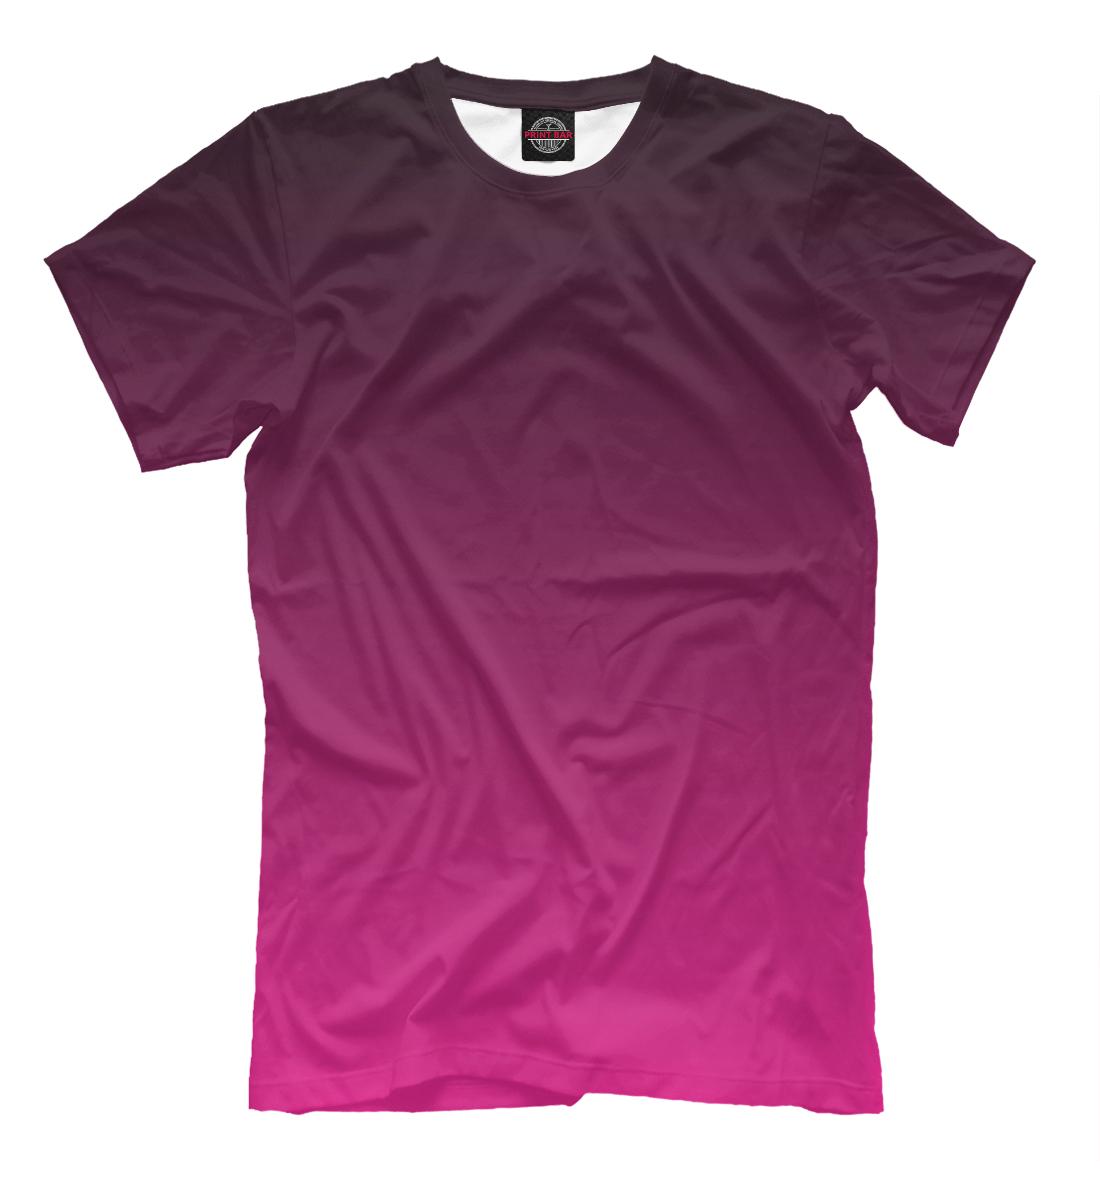 Купить Градиент Розовый в Черный, Printbar, Футболки, CLR-560218-fut-2